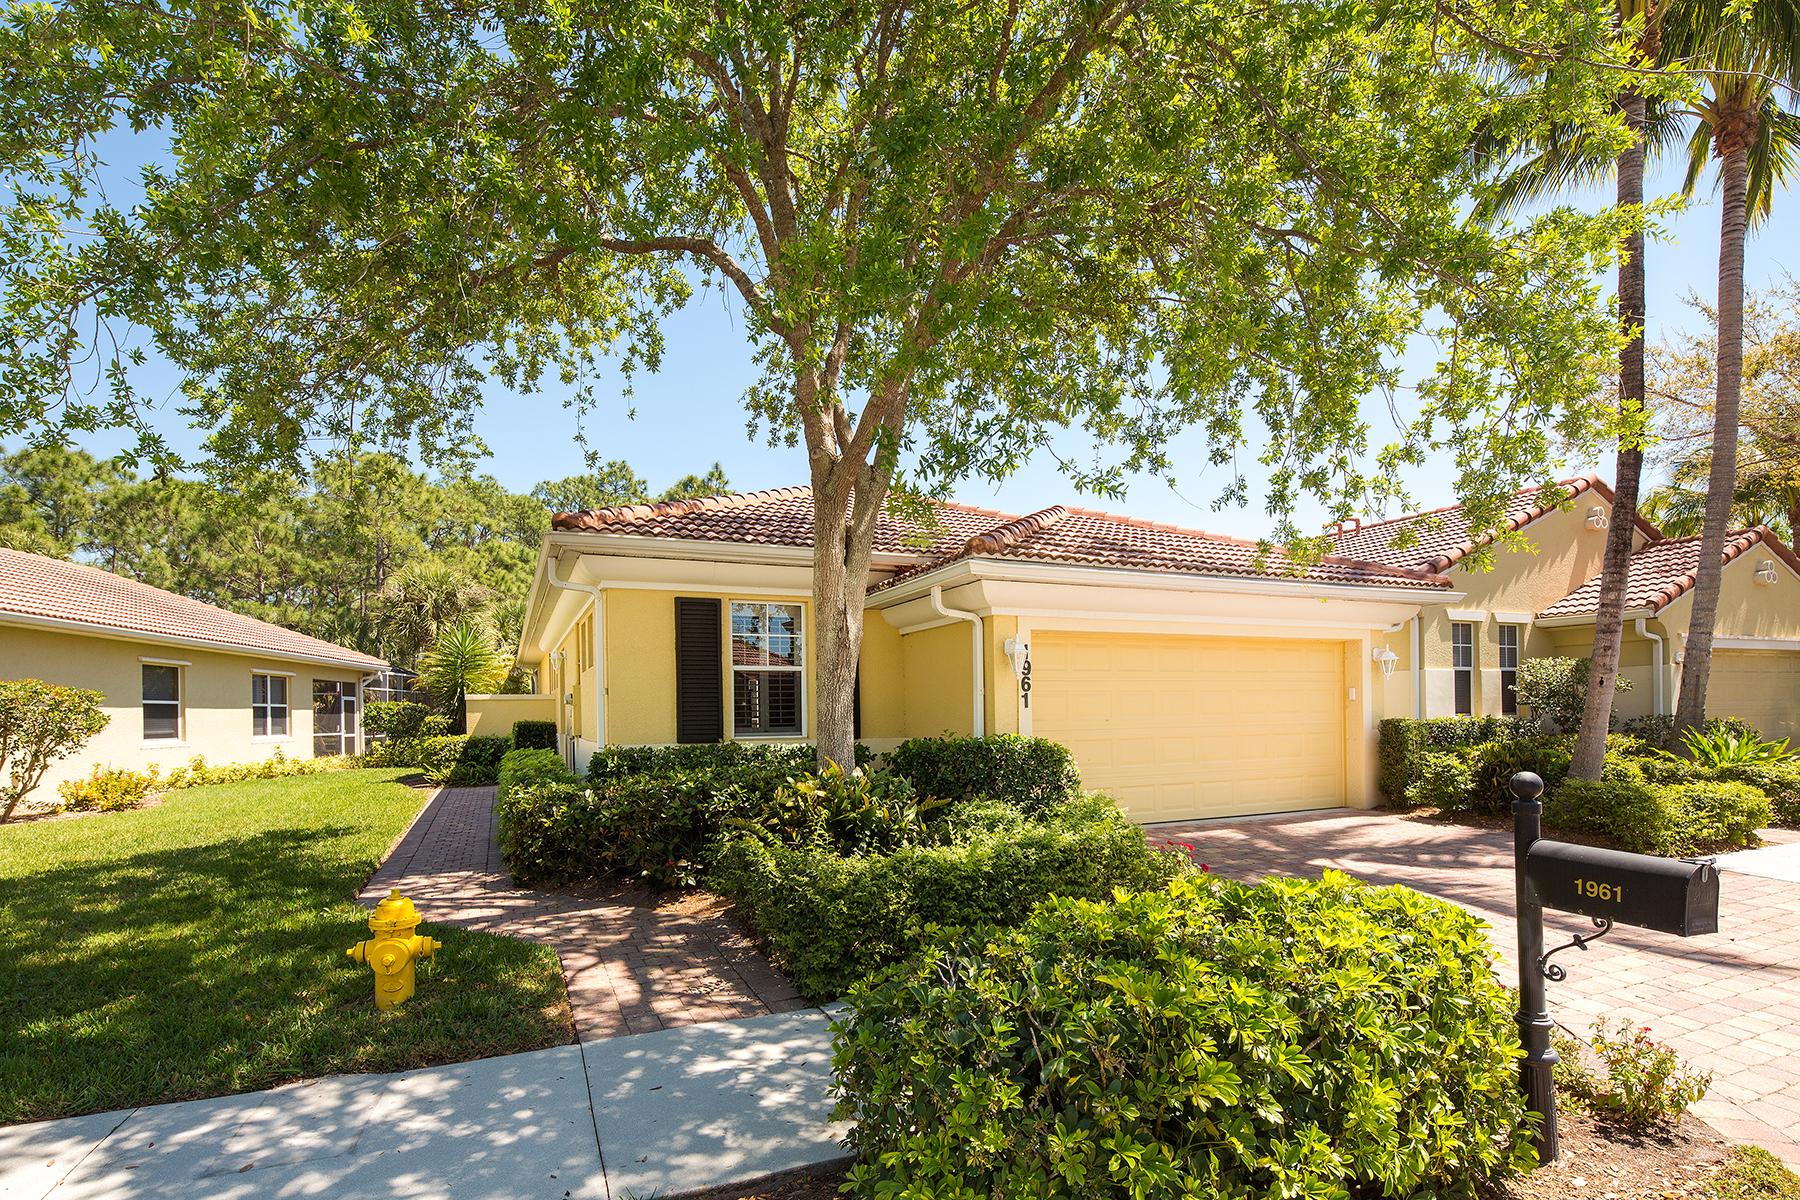 Частный односемейный дом для того Продажа на 1961 Tarpon Bay Dr N, 126, Naples, FL 34119 1961 Tarpon Bay Dr N 126 Naples, Флорида, 34119 Соединенные Штаты